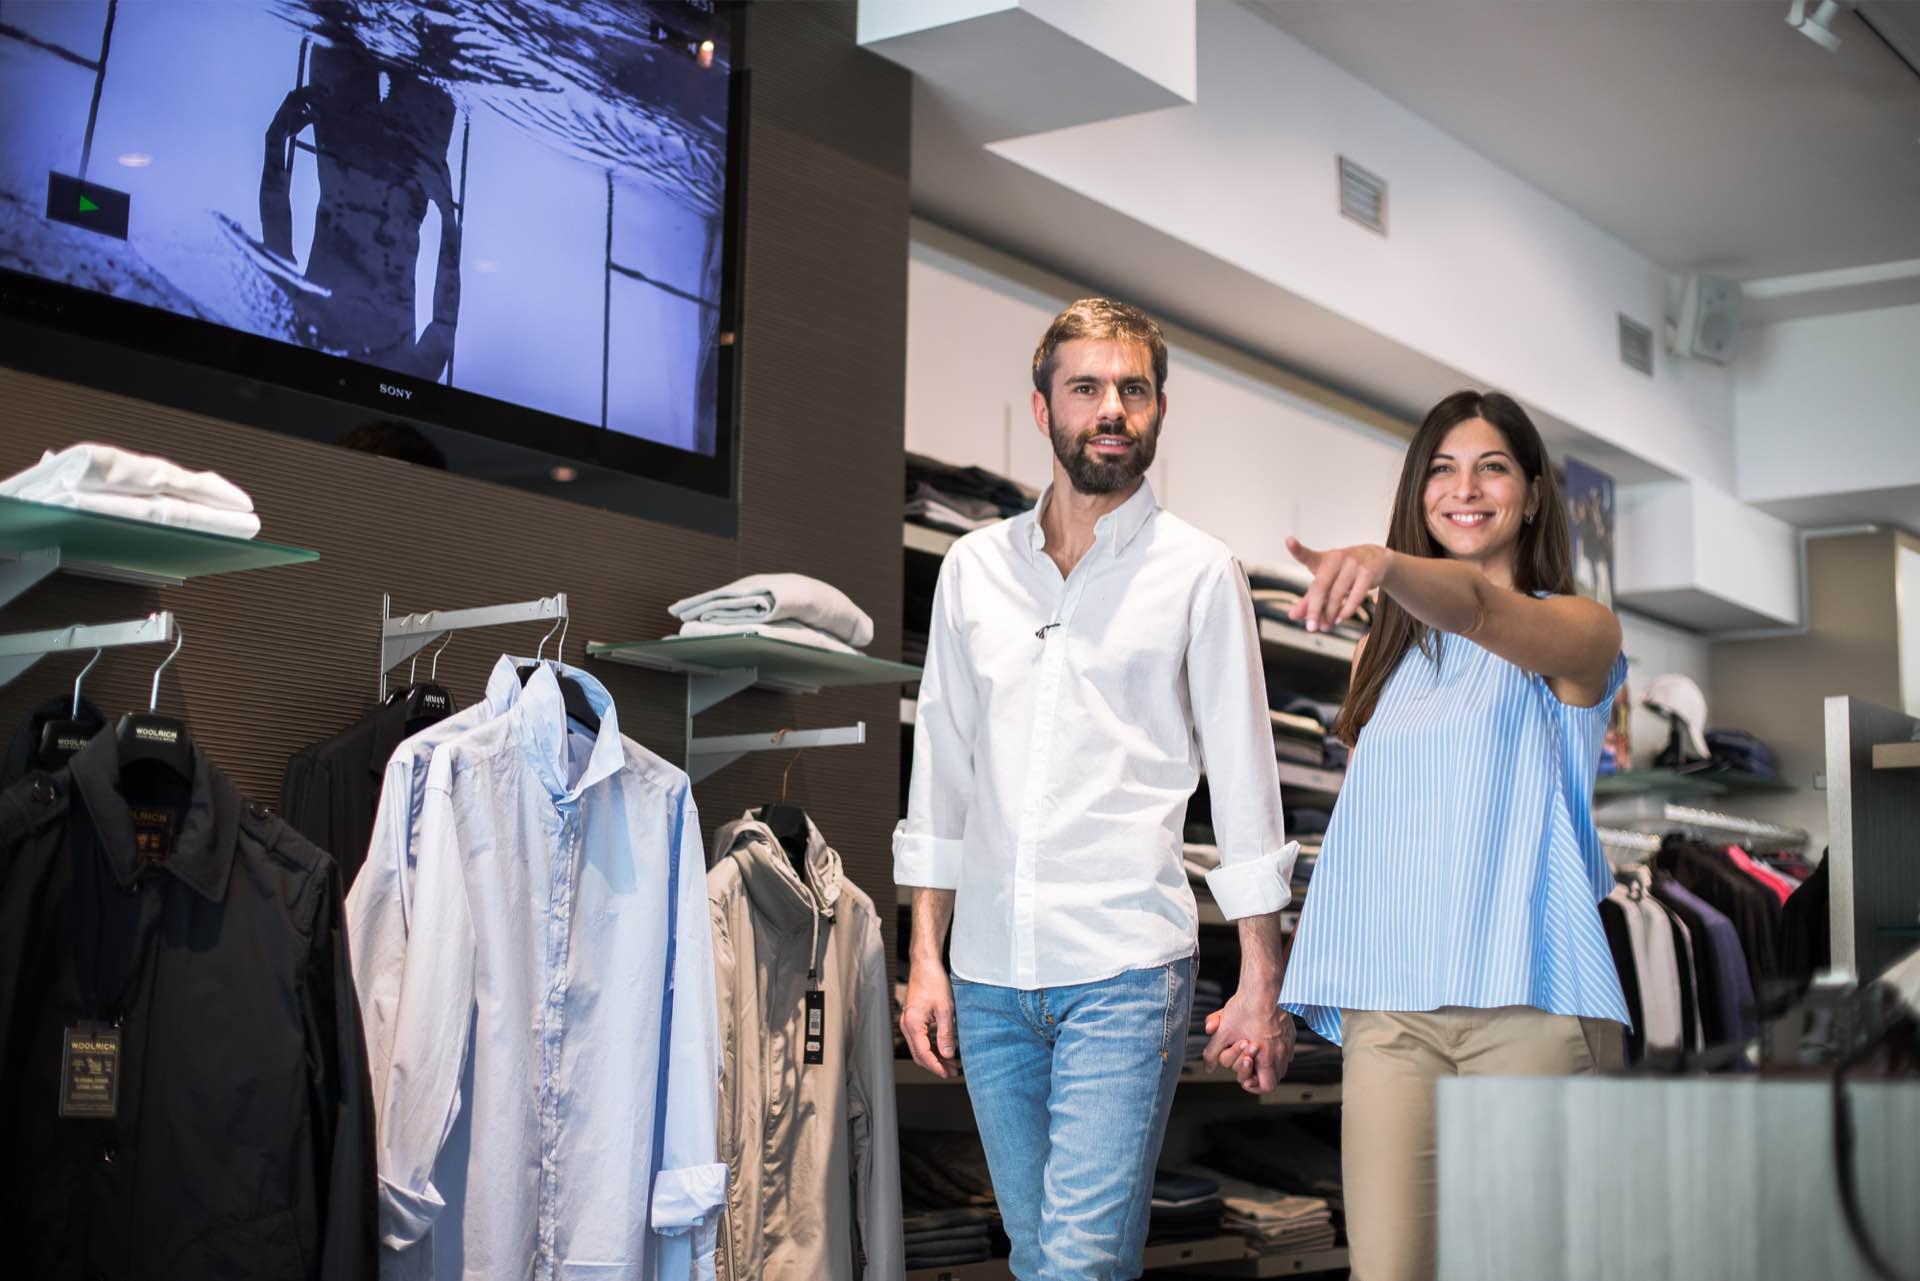 Negozio abbigliamento uomo a Trento